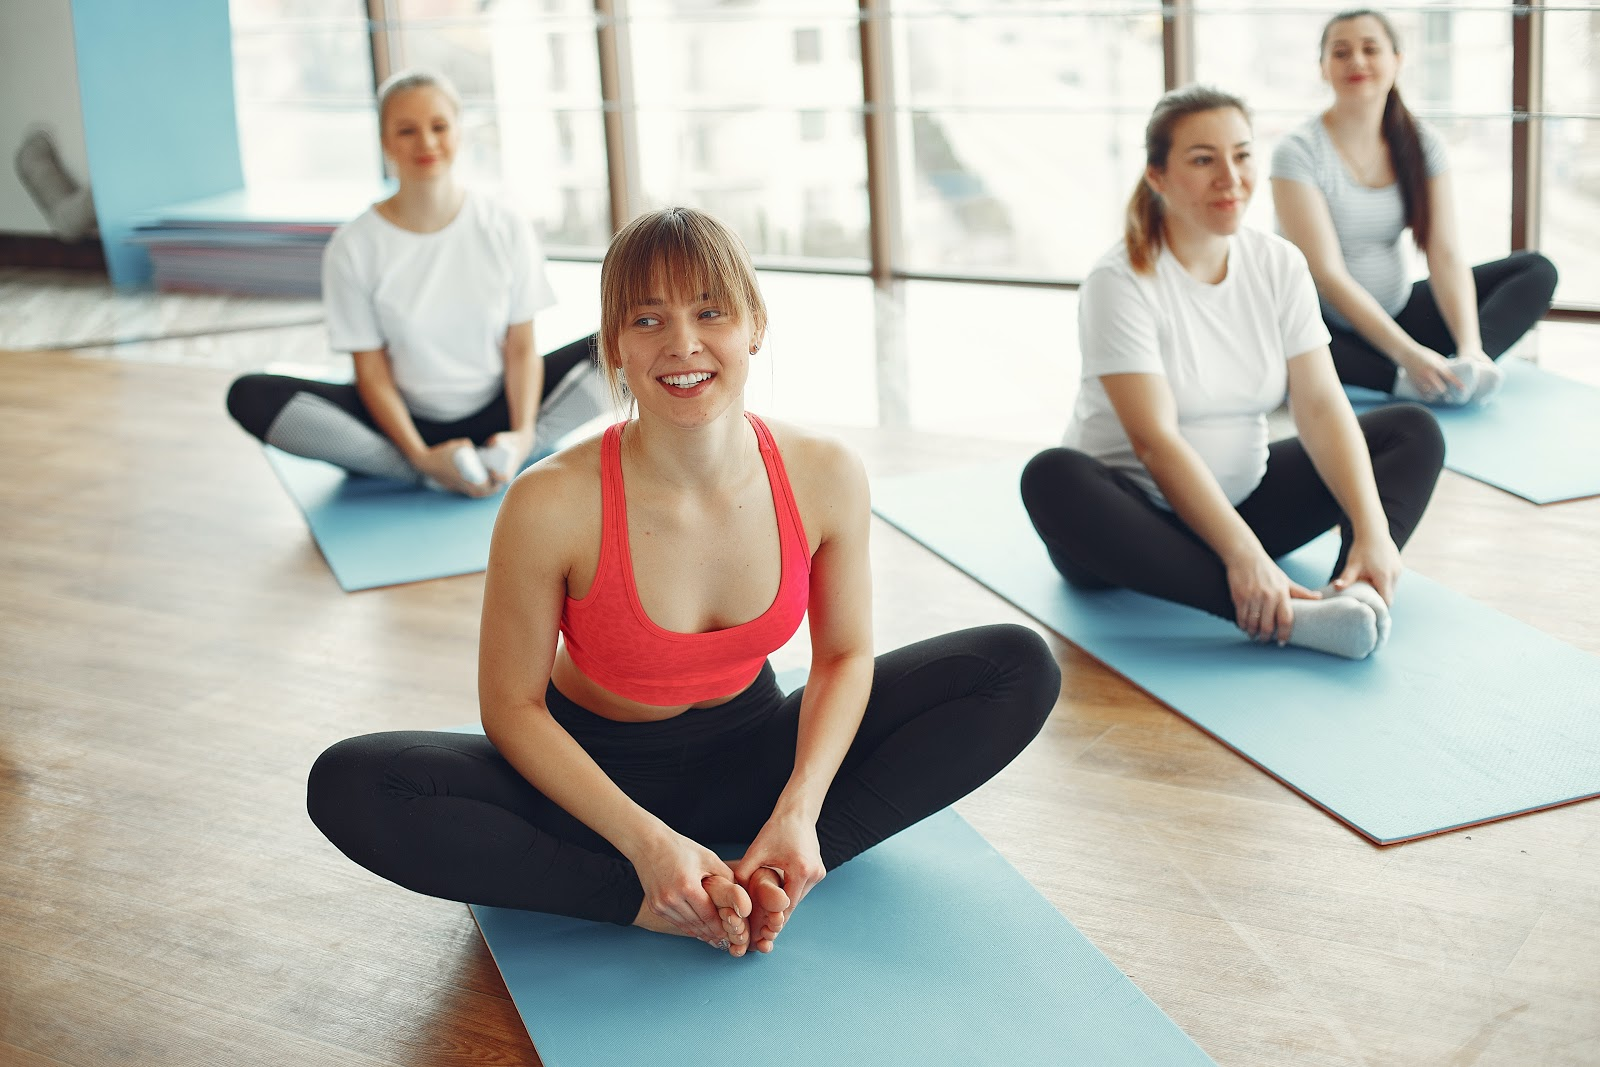 Em combinação com outros hábitos, a yoga possibilita uma melhora na qualidade de vida de seus praticantes (Fonte: Pexels)